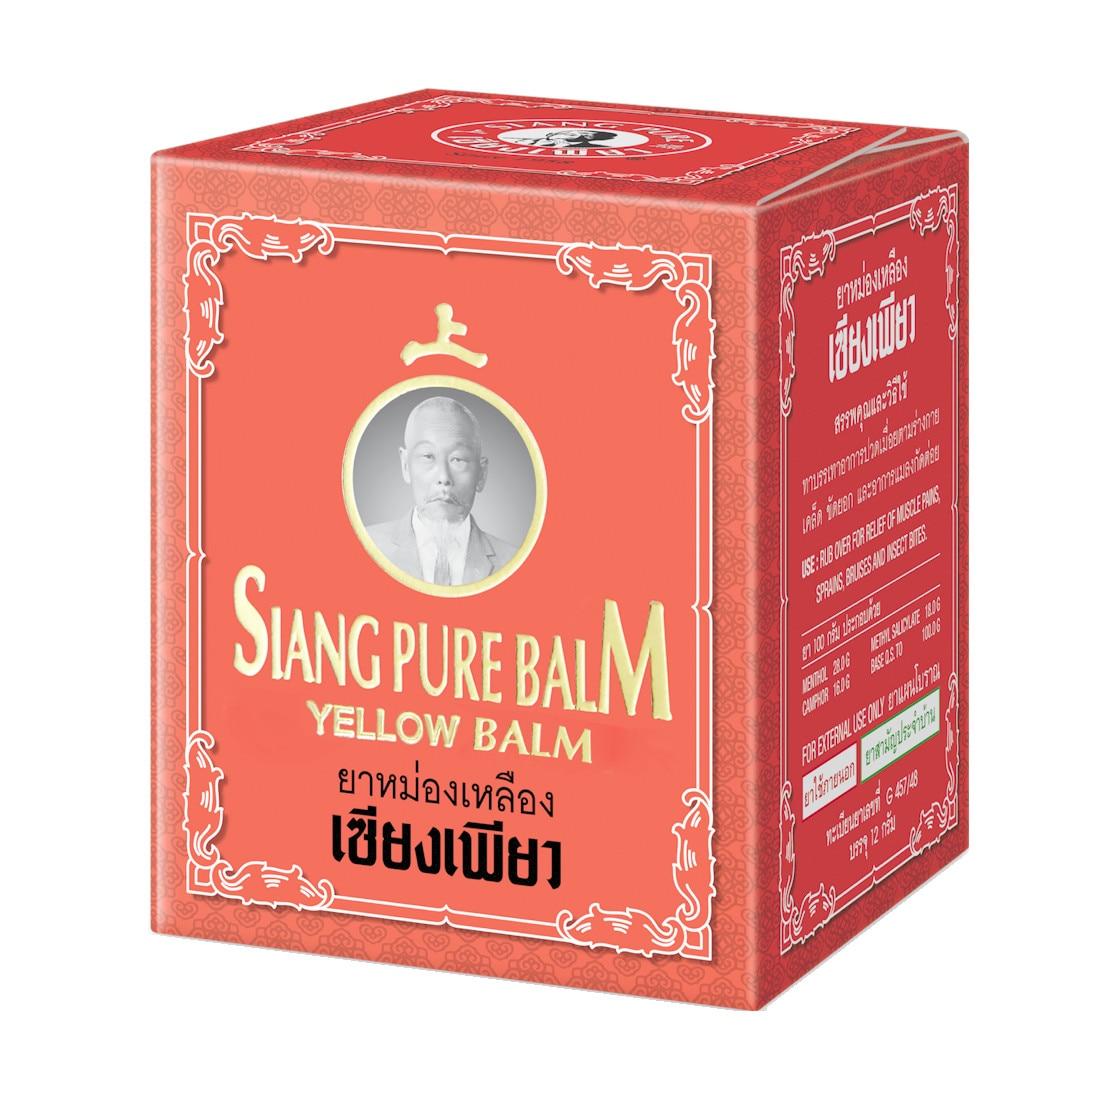 balsam pentru dureri articulare thailanda)